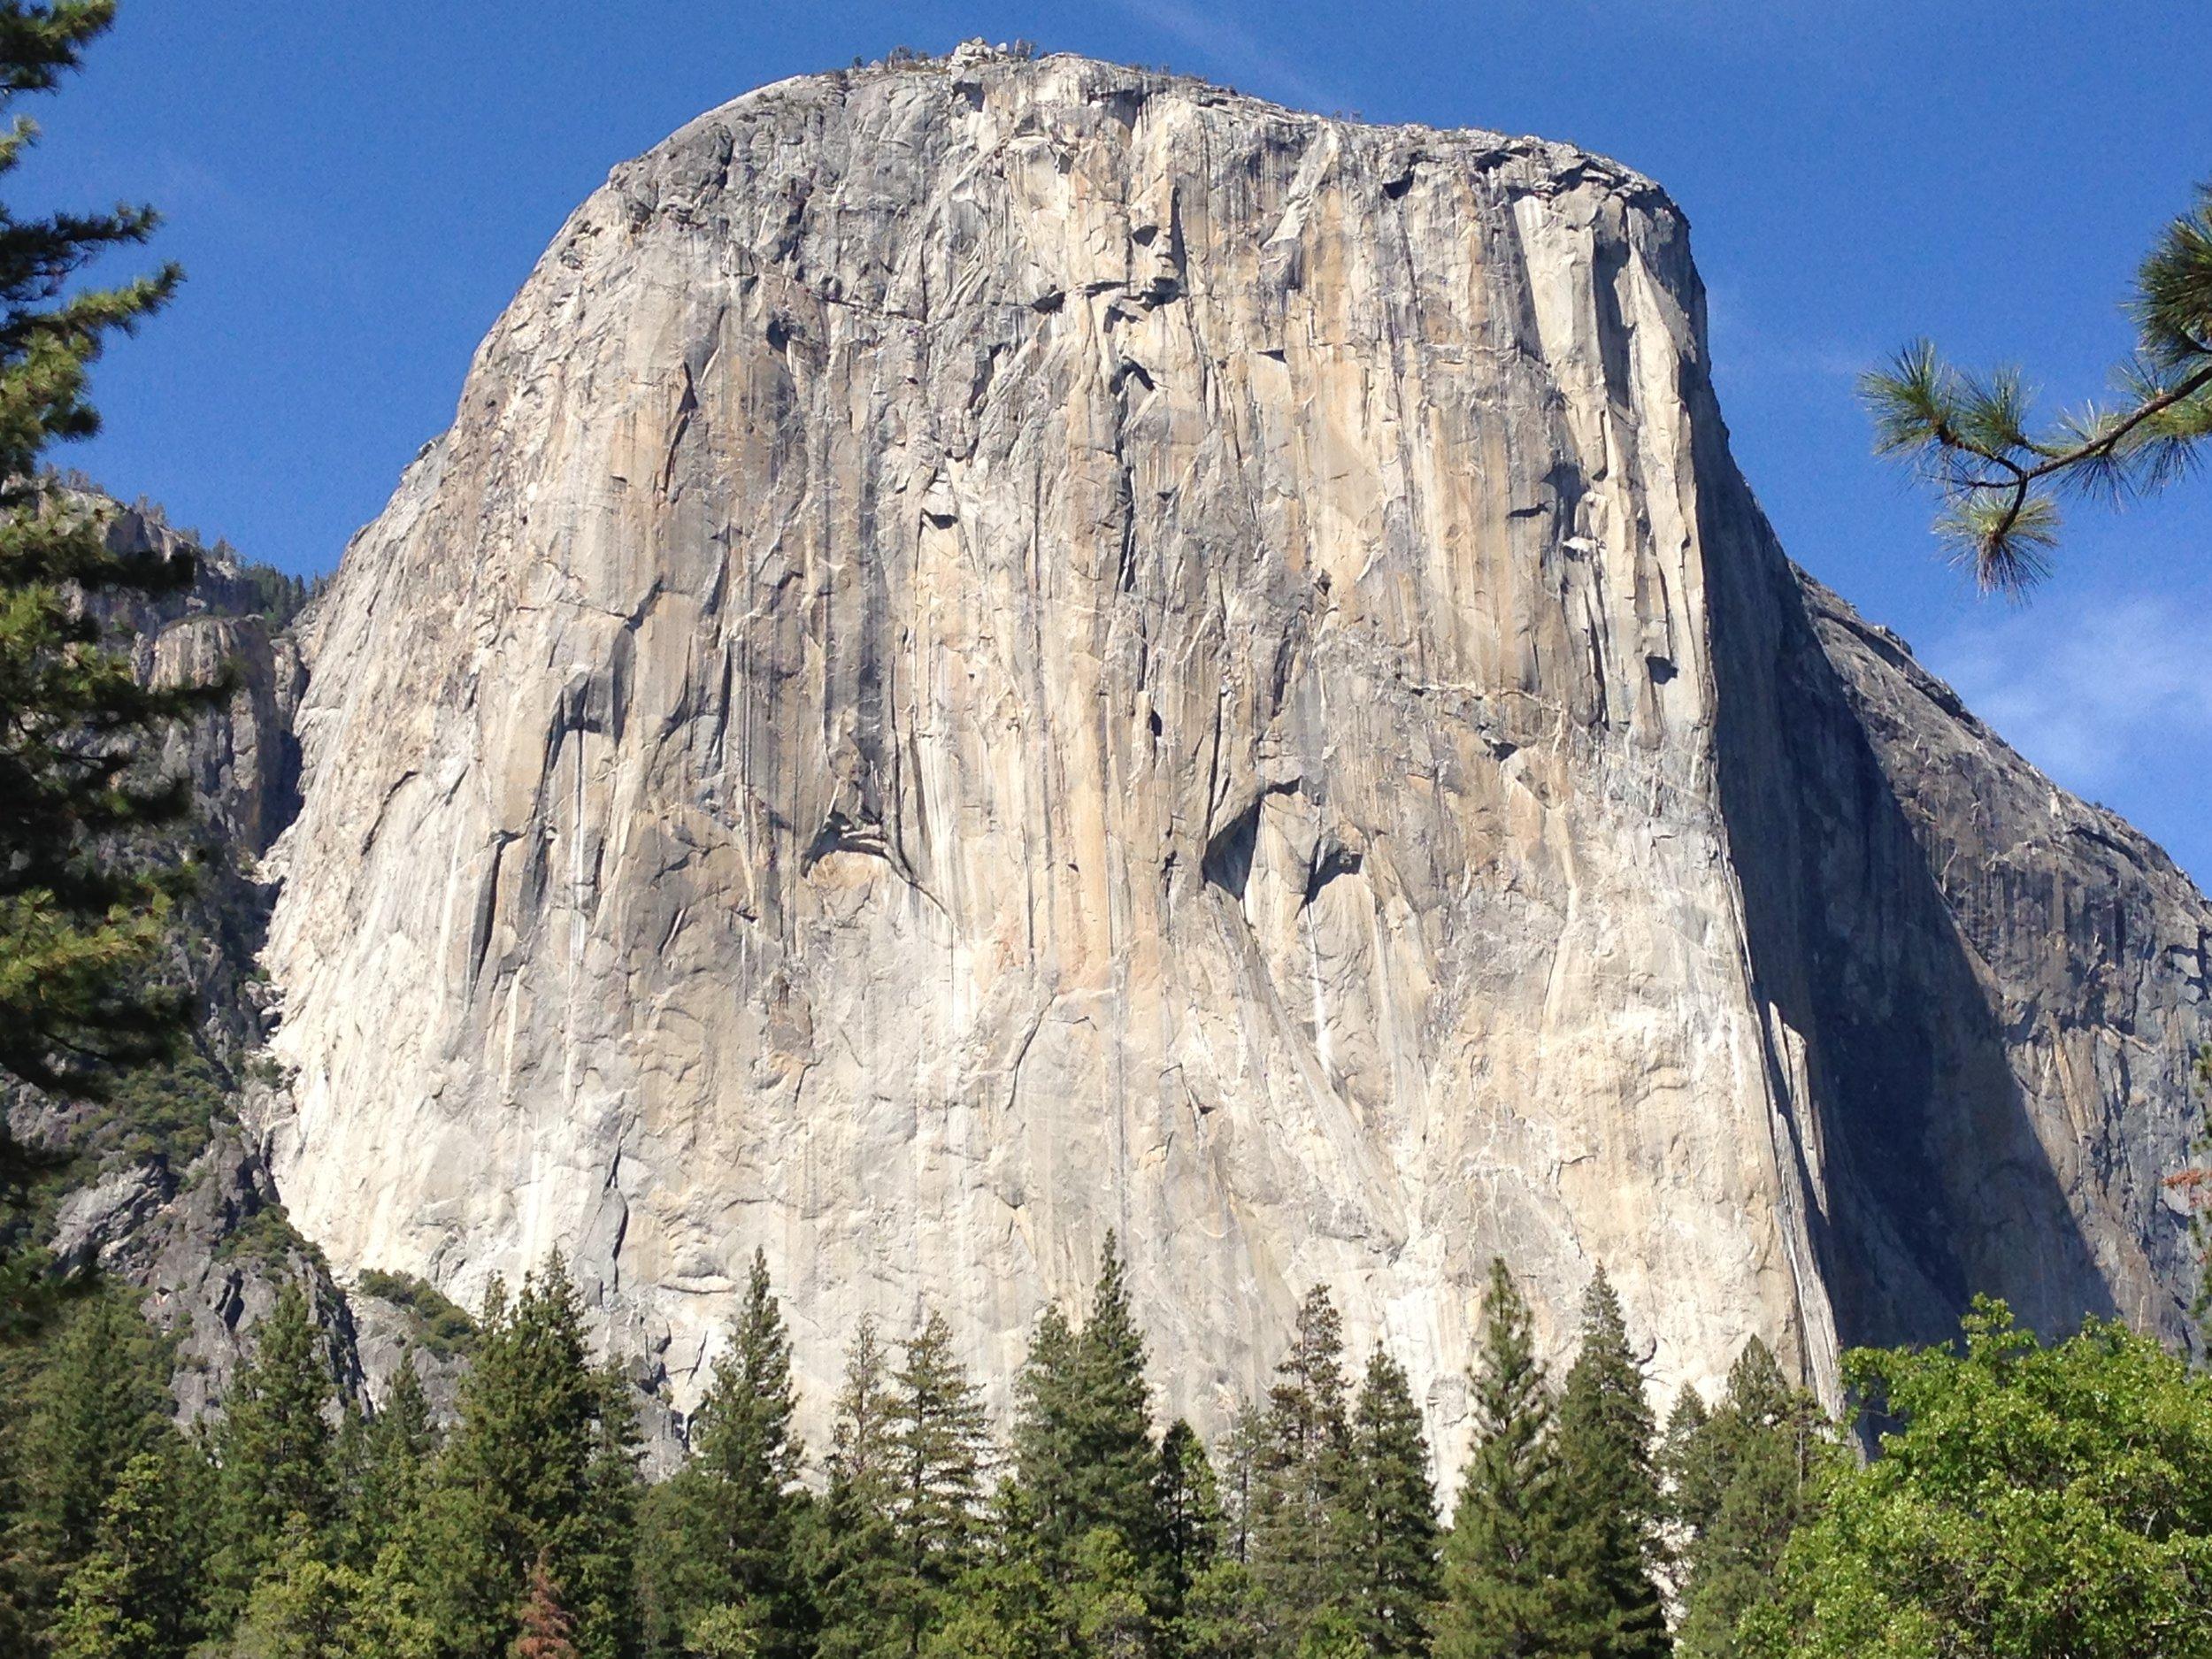 Yosemite2014-1.jpg